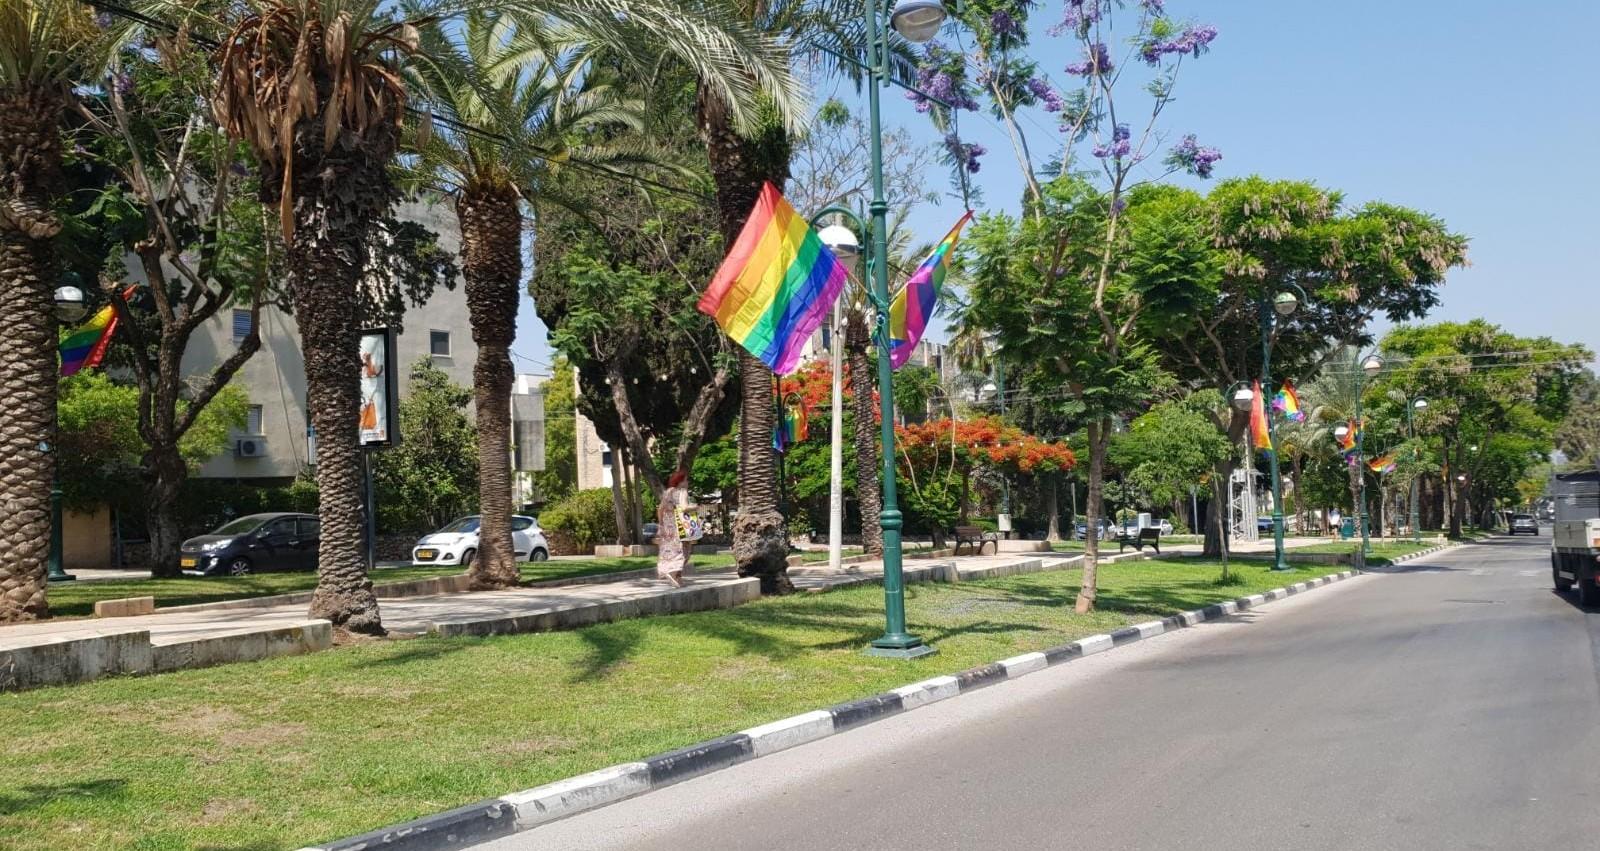 דגלי גאווה ברמת השרון בשנה שעברה